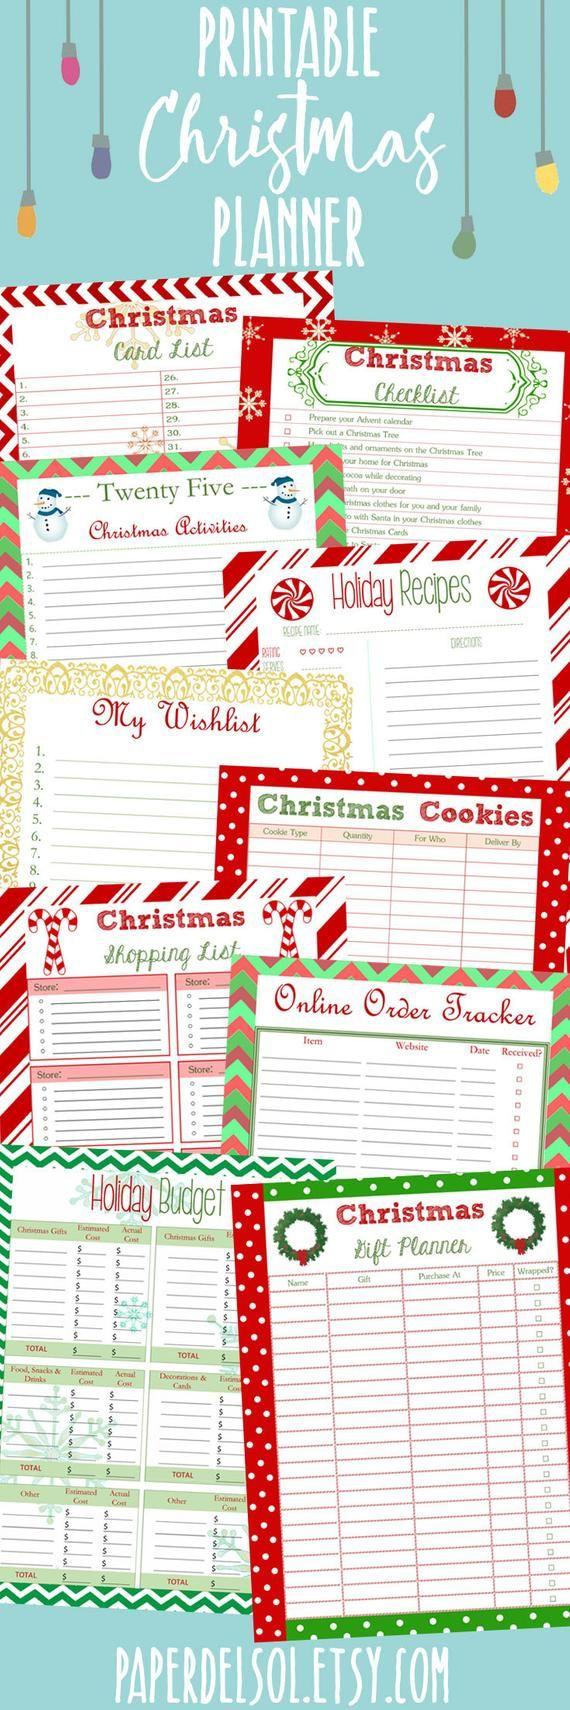 2021 Christmas Planner Printable Christmas Planner Printable Holiday Planner Printables 2021 Etsy Holiday Planning Printables Christmas Planner Holiday Planner Printables